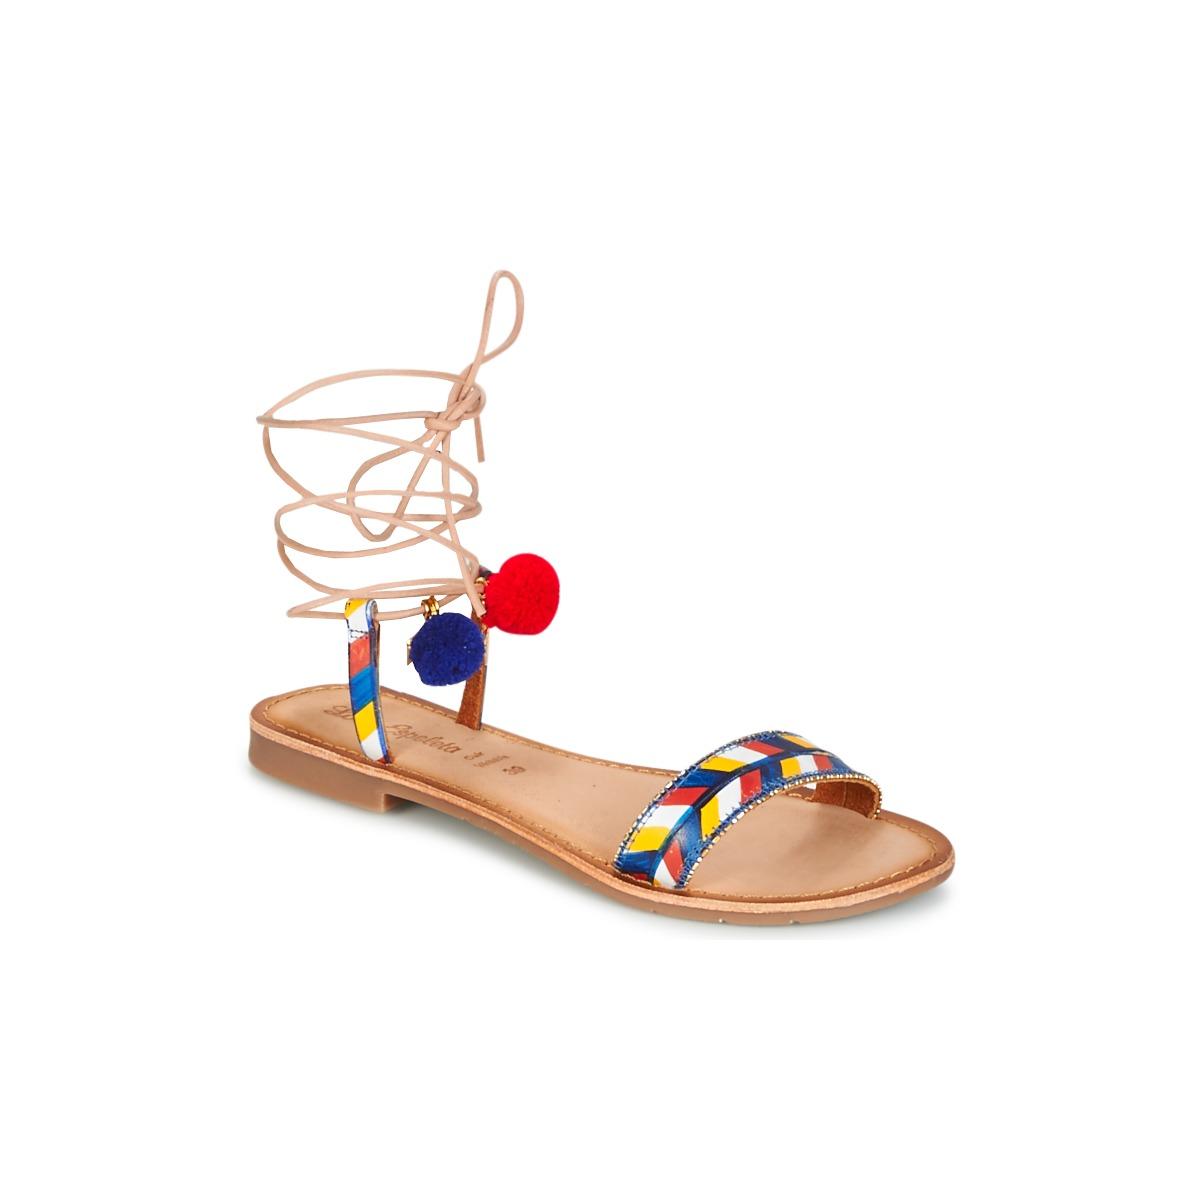 Lola Espeleta EDWINA Blau - Kostenloser Versand bei Spartoode ! - Schuhe Sandalen / Sandaletten Damen 35,39 €